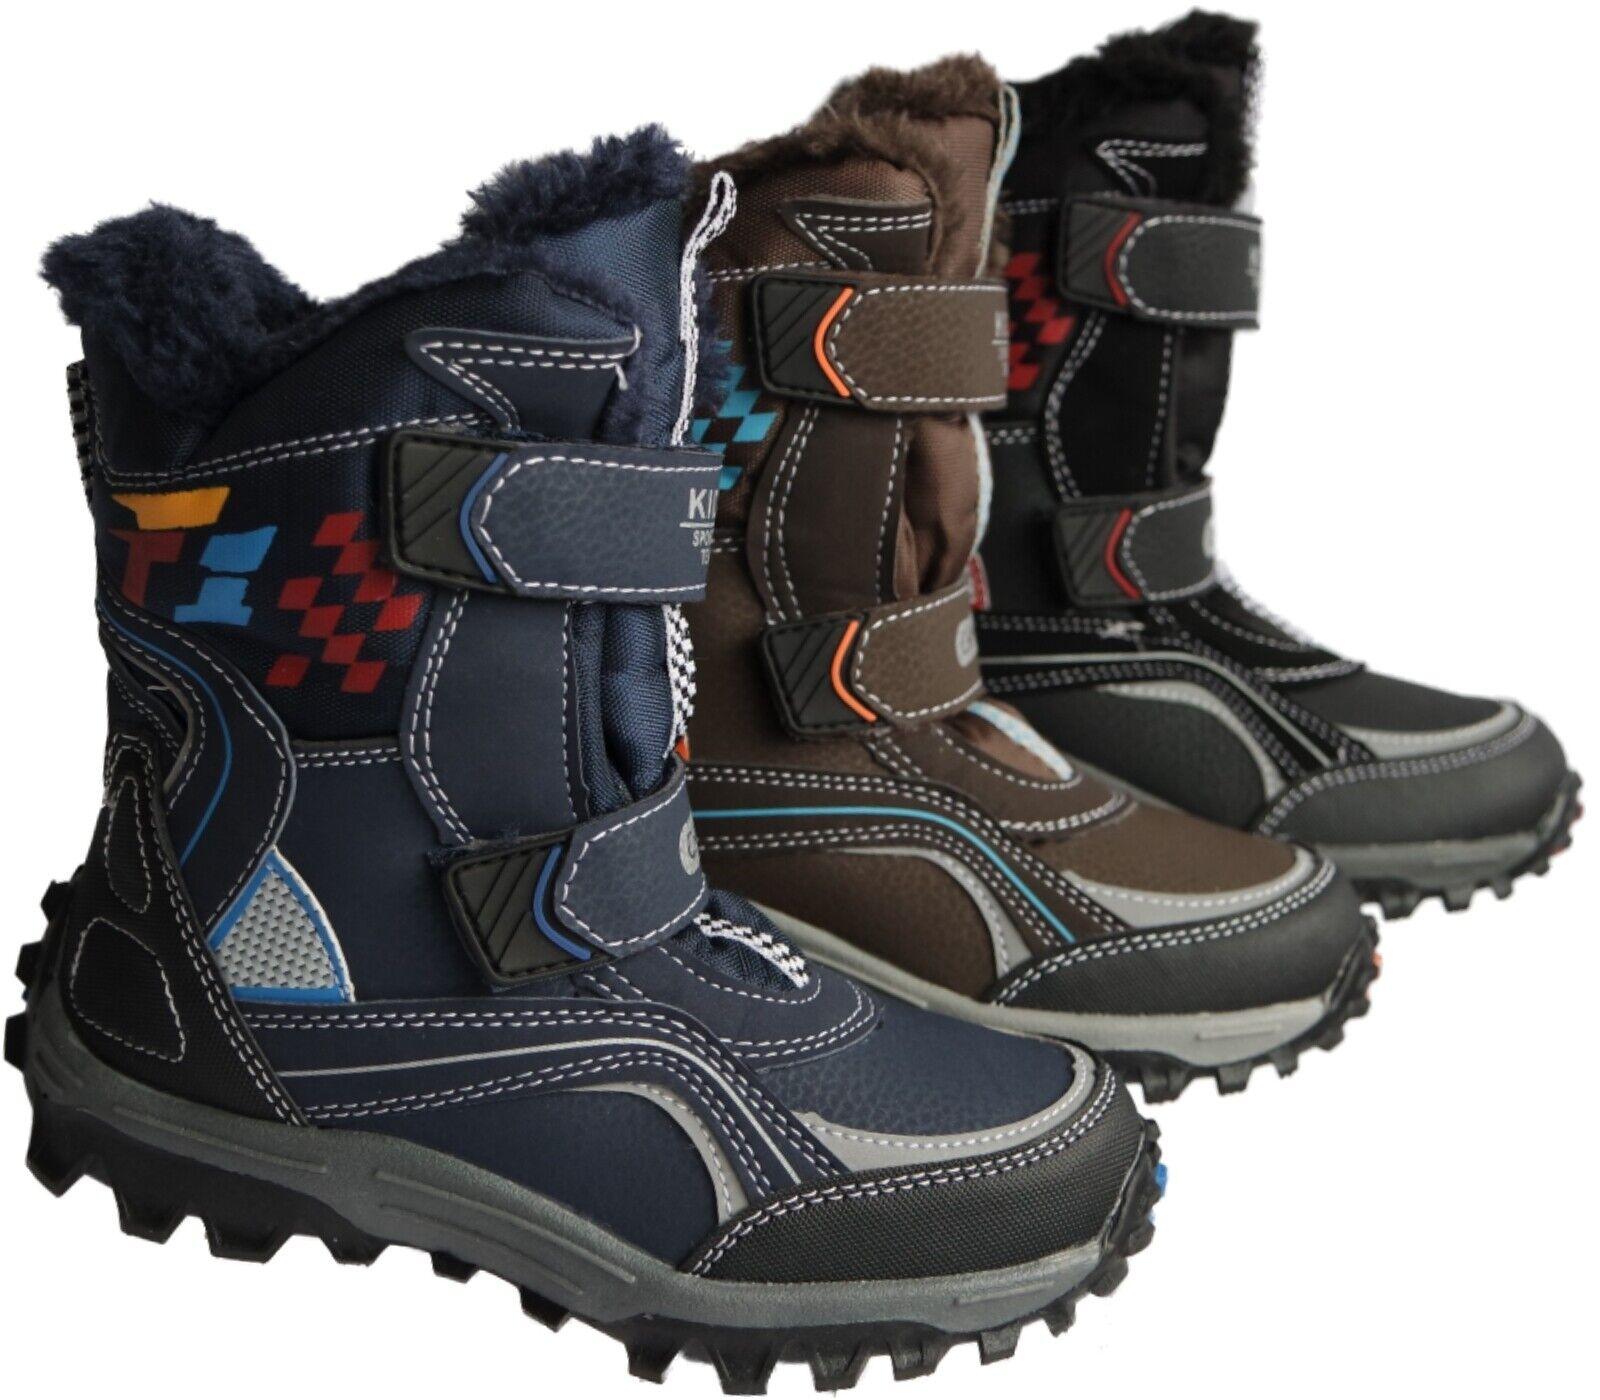 Jungen Kinder Winter Stiefel Boots Schuhe gefüttert Gr.25 - 36 Nr.5015/16